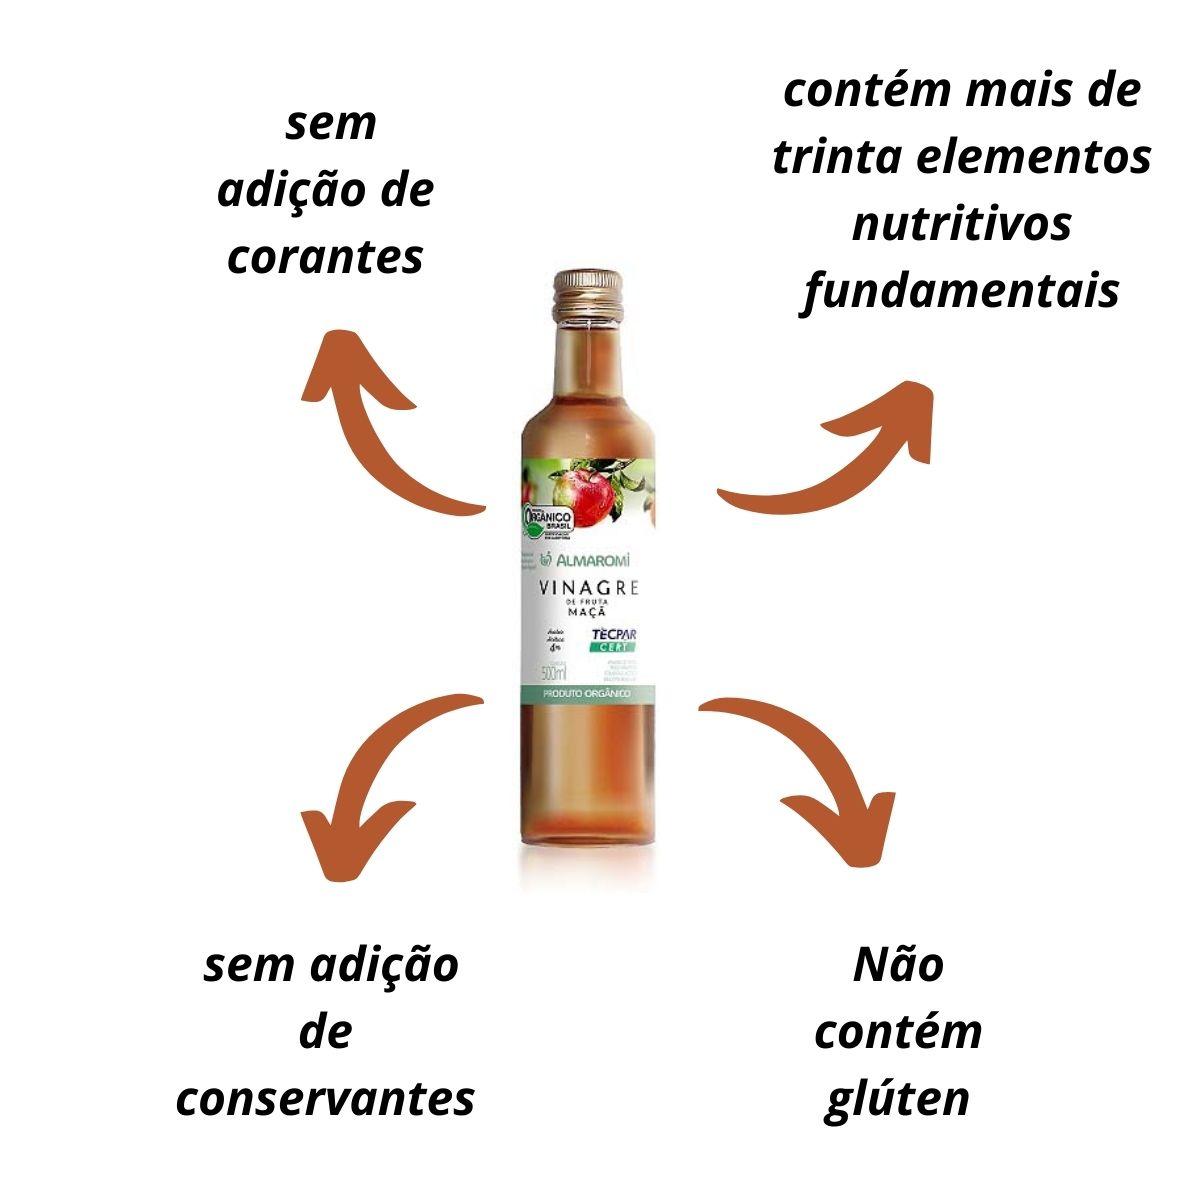 kIT 3 Vinagre orgânico maçã 500ml - Almaromi